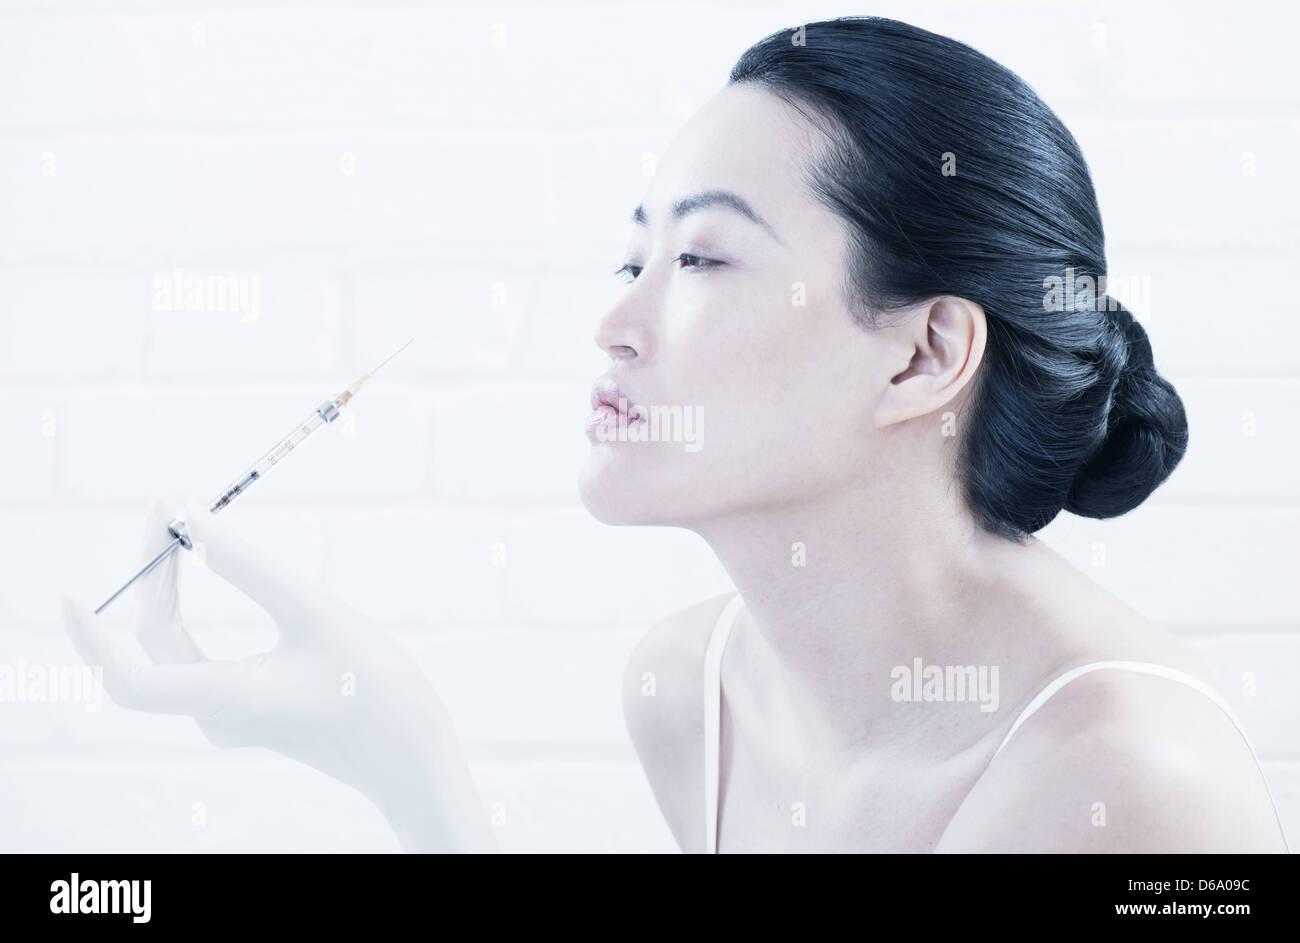 Woman having Botox injection en face Banque D'Images